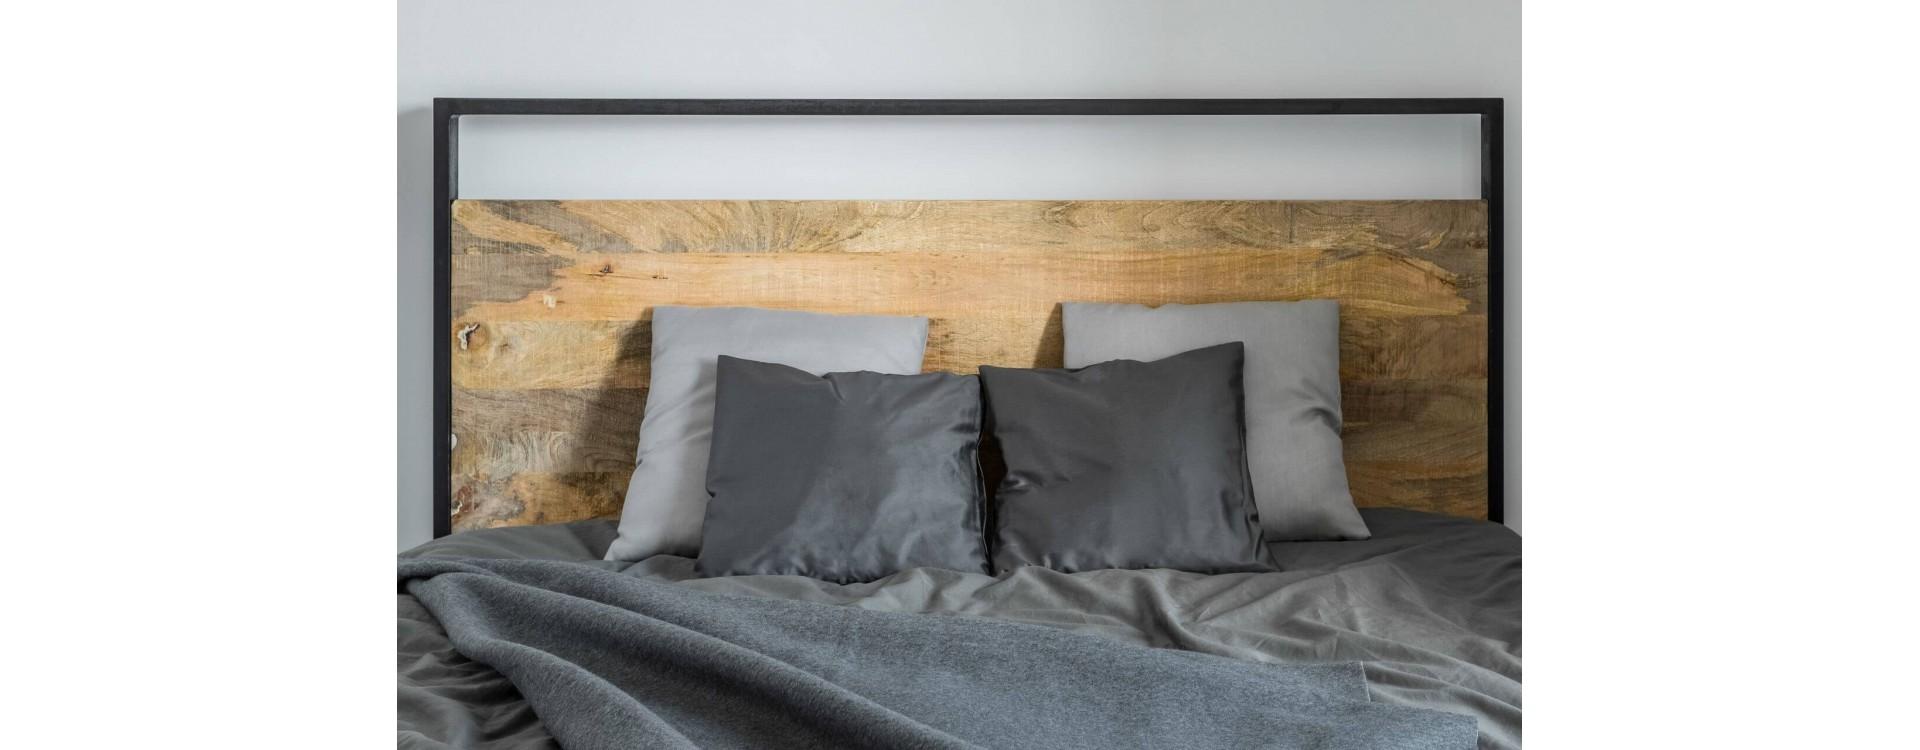 Listelli piallati di legno per il fai-da-te: come realizzare una testata del letto in legno